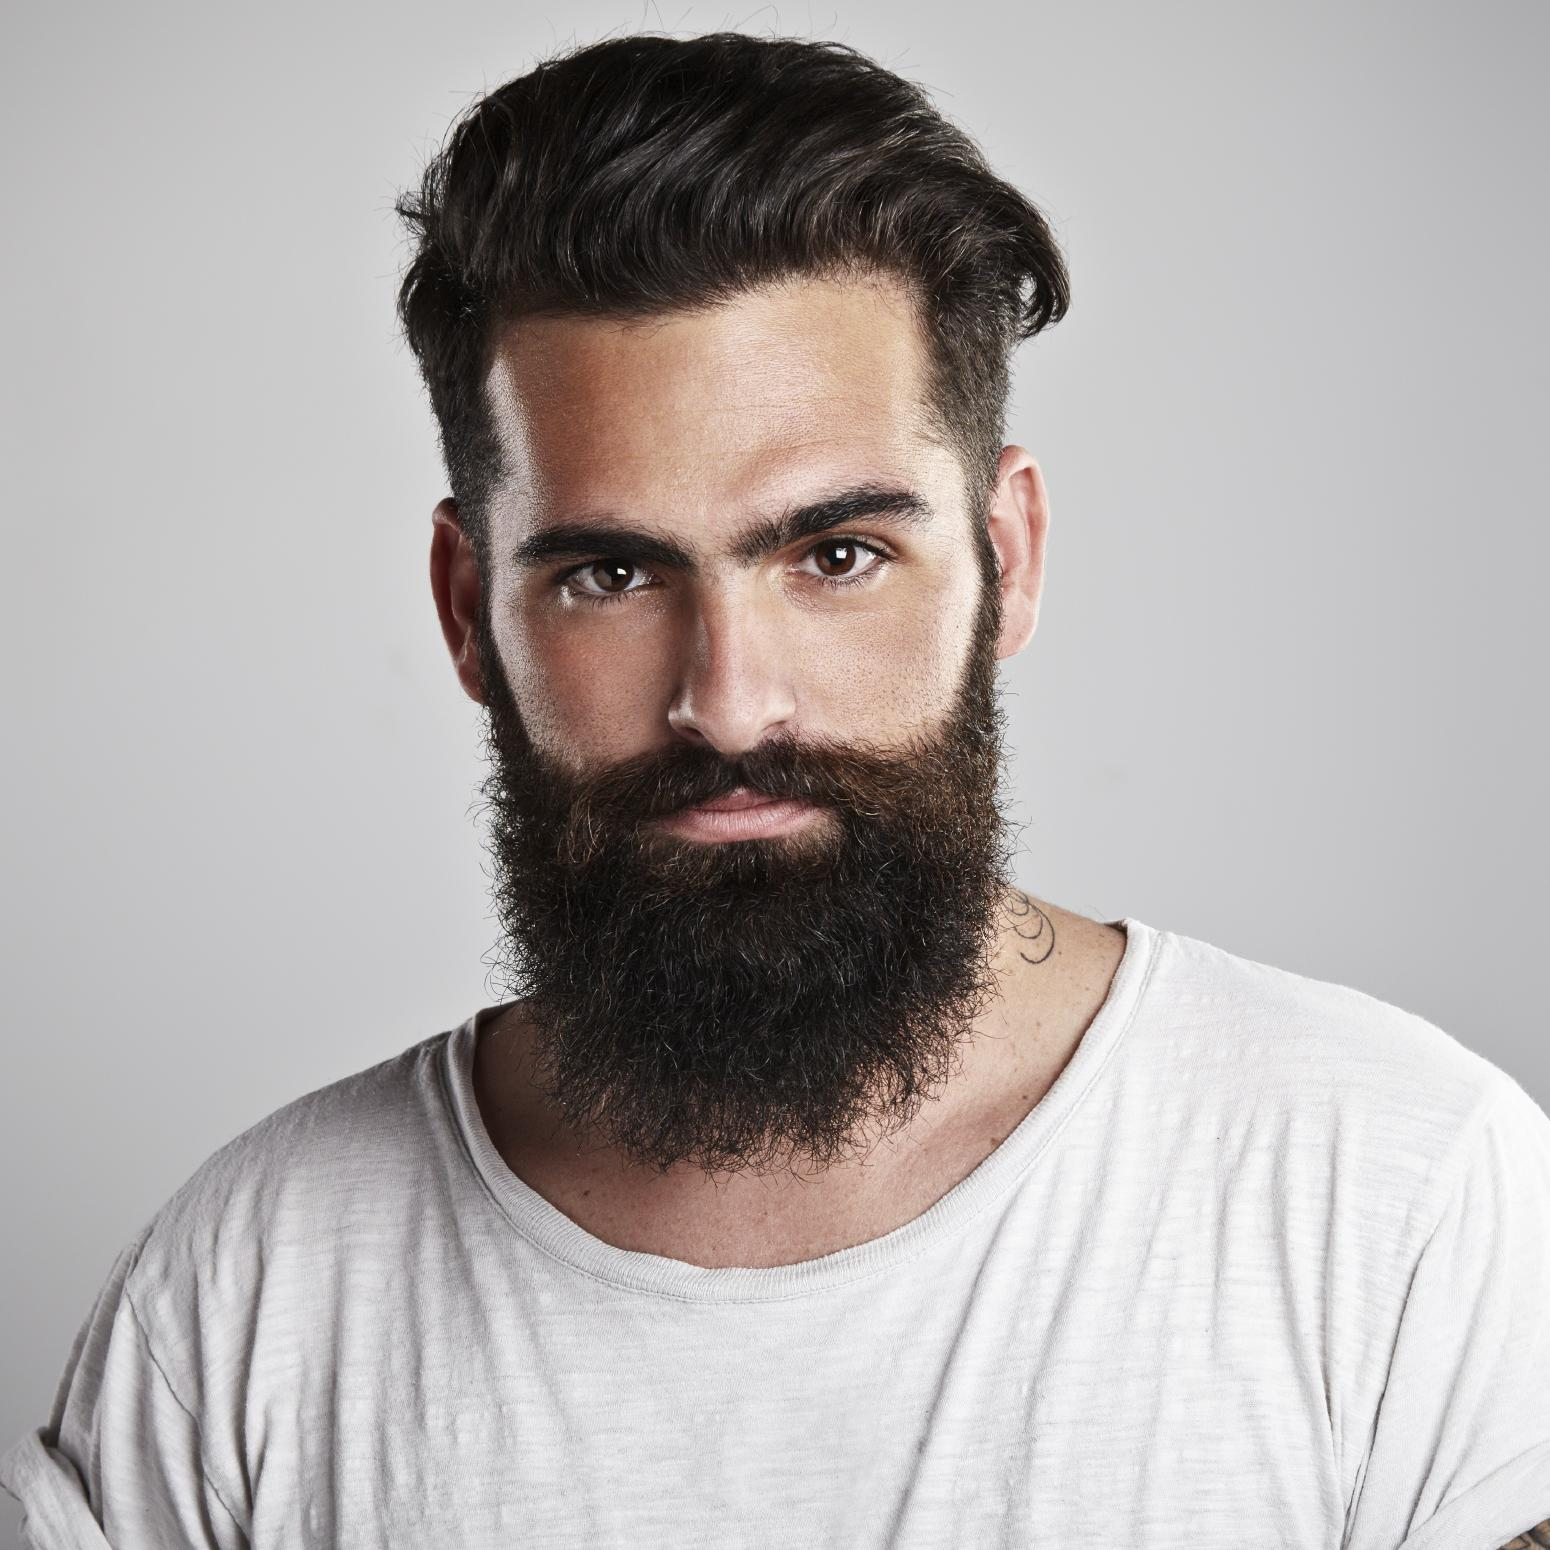 Grosse barbe : est-elle toujours aussi à la mode chez les hipsters ?